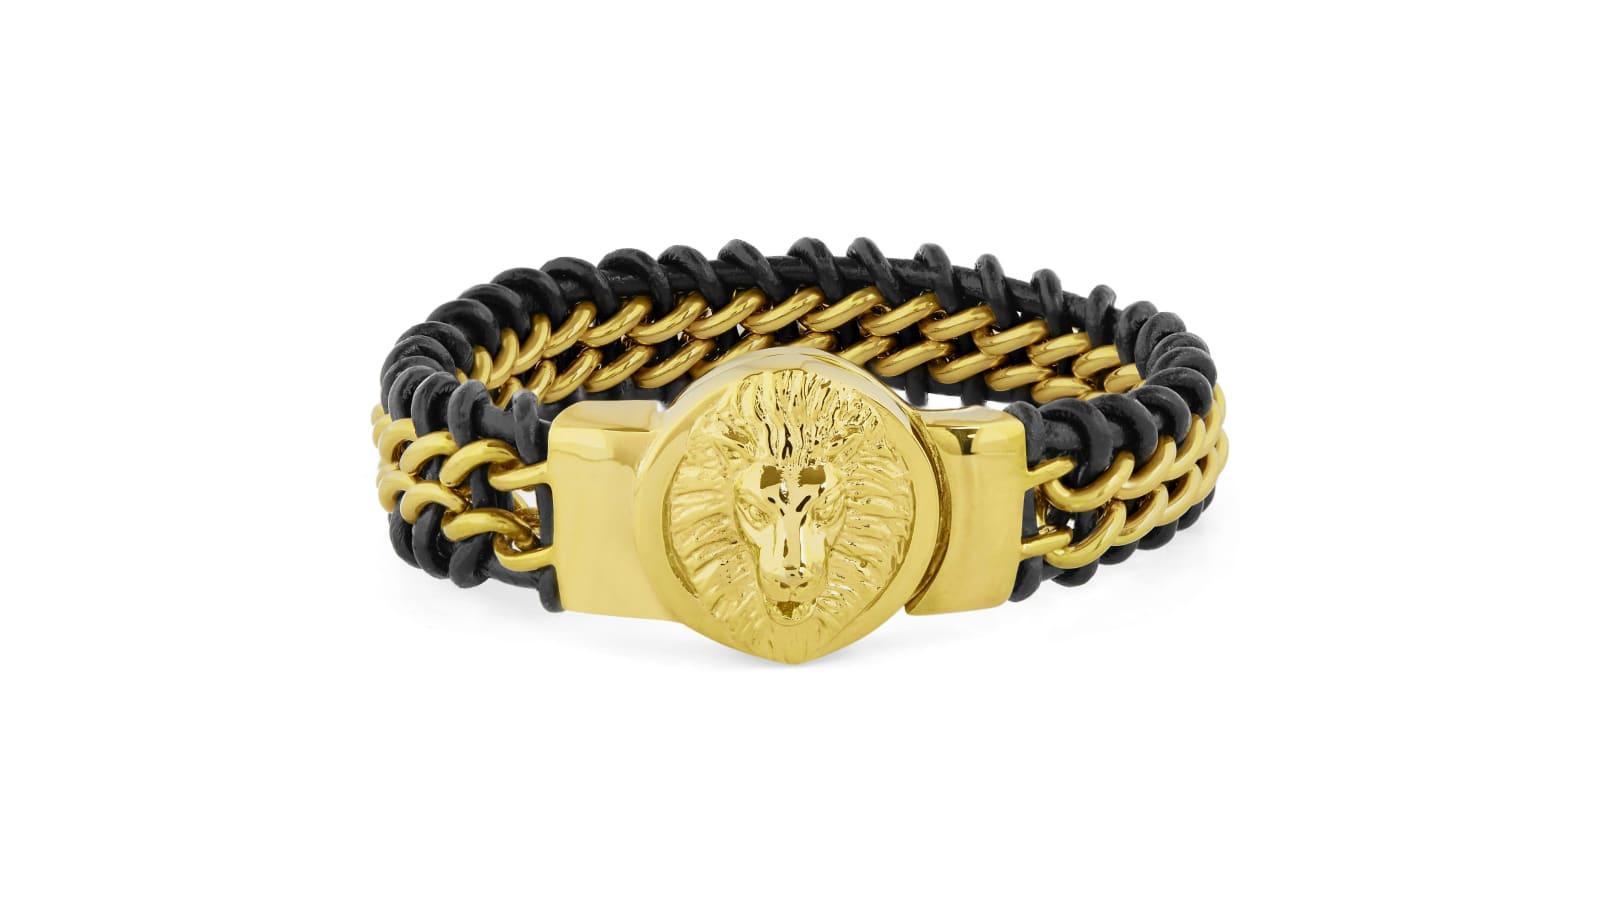 nuovo design nuovi arrivi economico in vendita Bracciale in pelle e acciaio con testa di leone   Disponibile ...